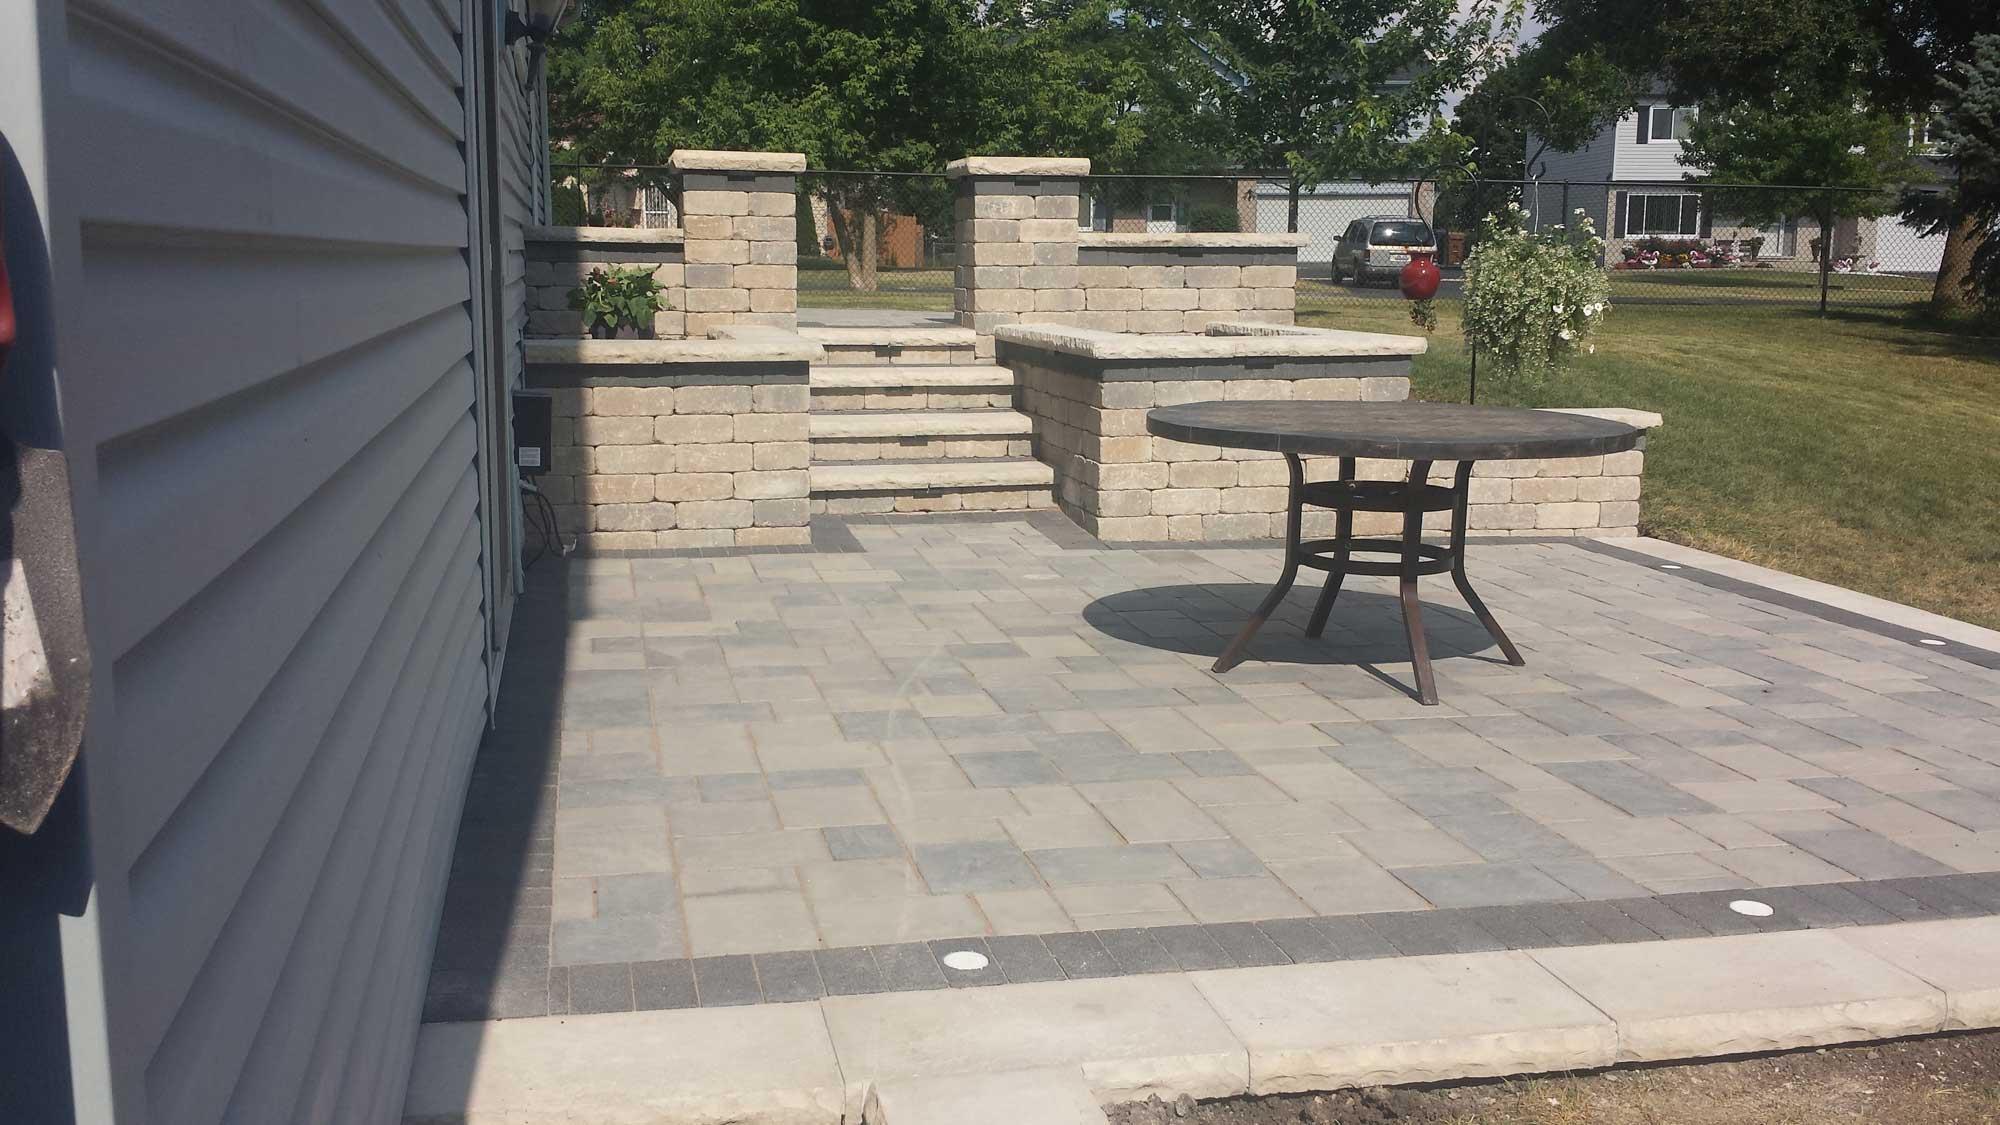 Brick Paver Patio/Driveways. Brick_paver_patio_with_inserted_edged_lighting